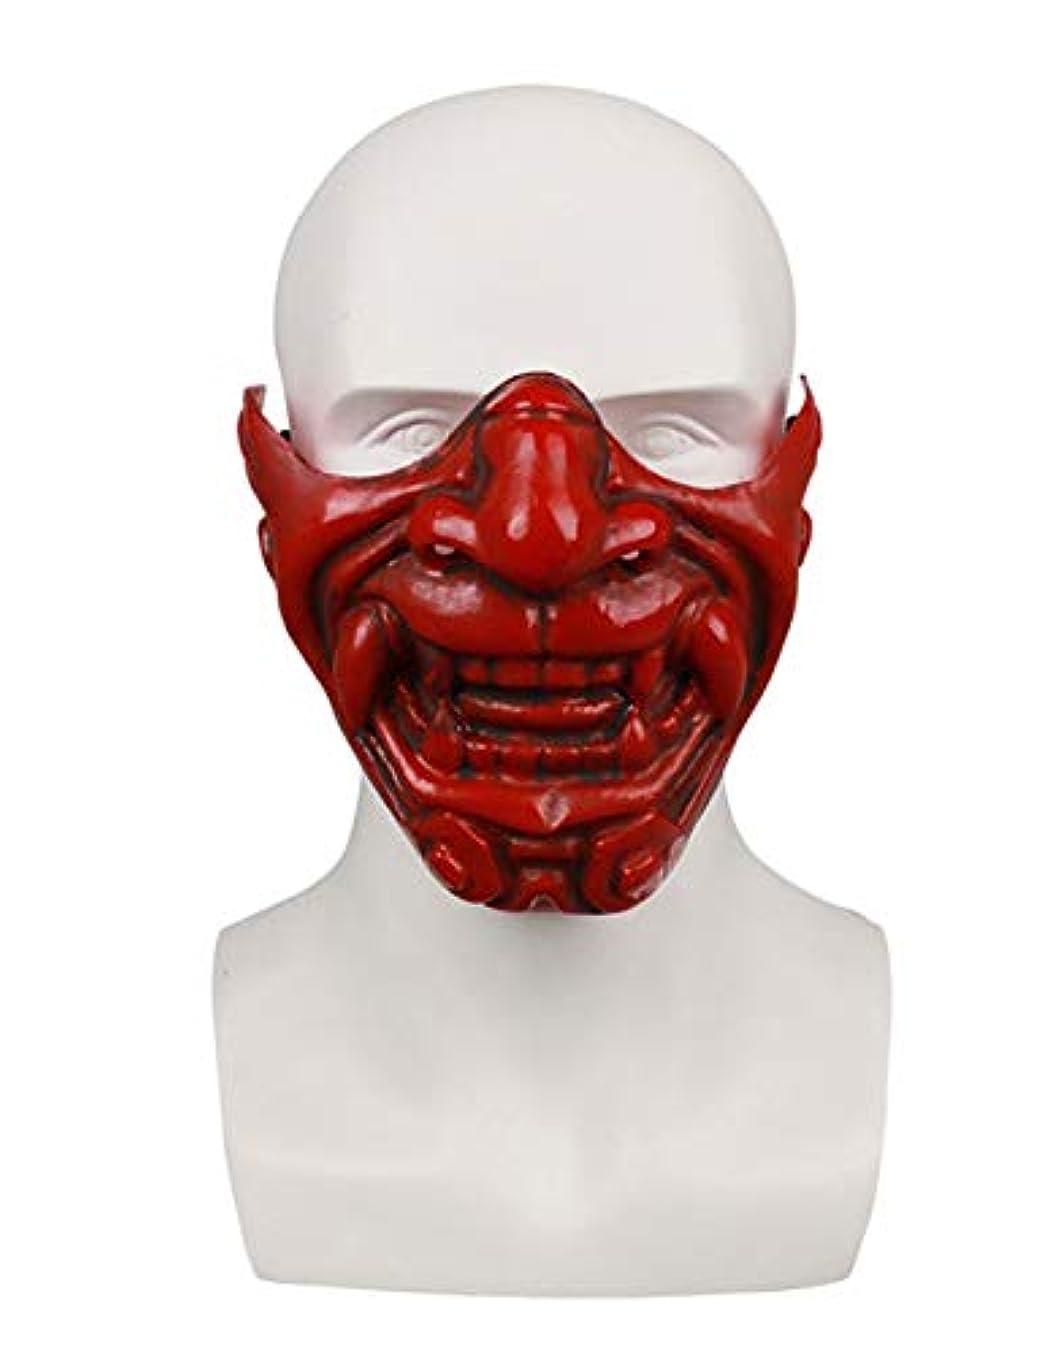 学部アーカイブ知覚するハロウィーンハーフフェイスマスクホラーデビルマスク映画の小道具仮装マスク (Color : RED)